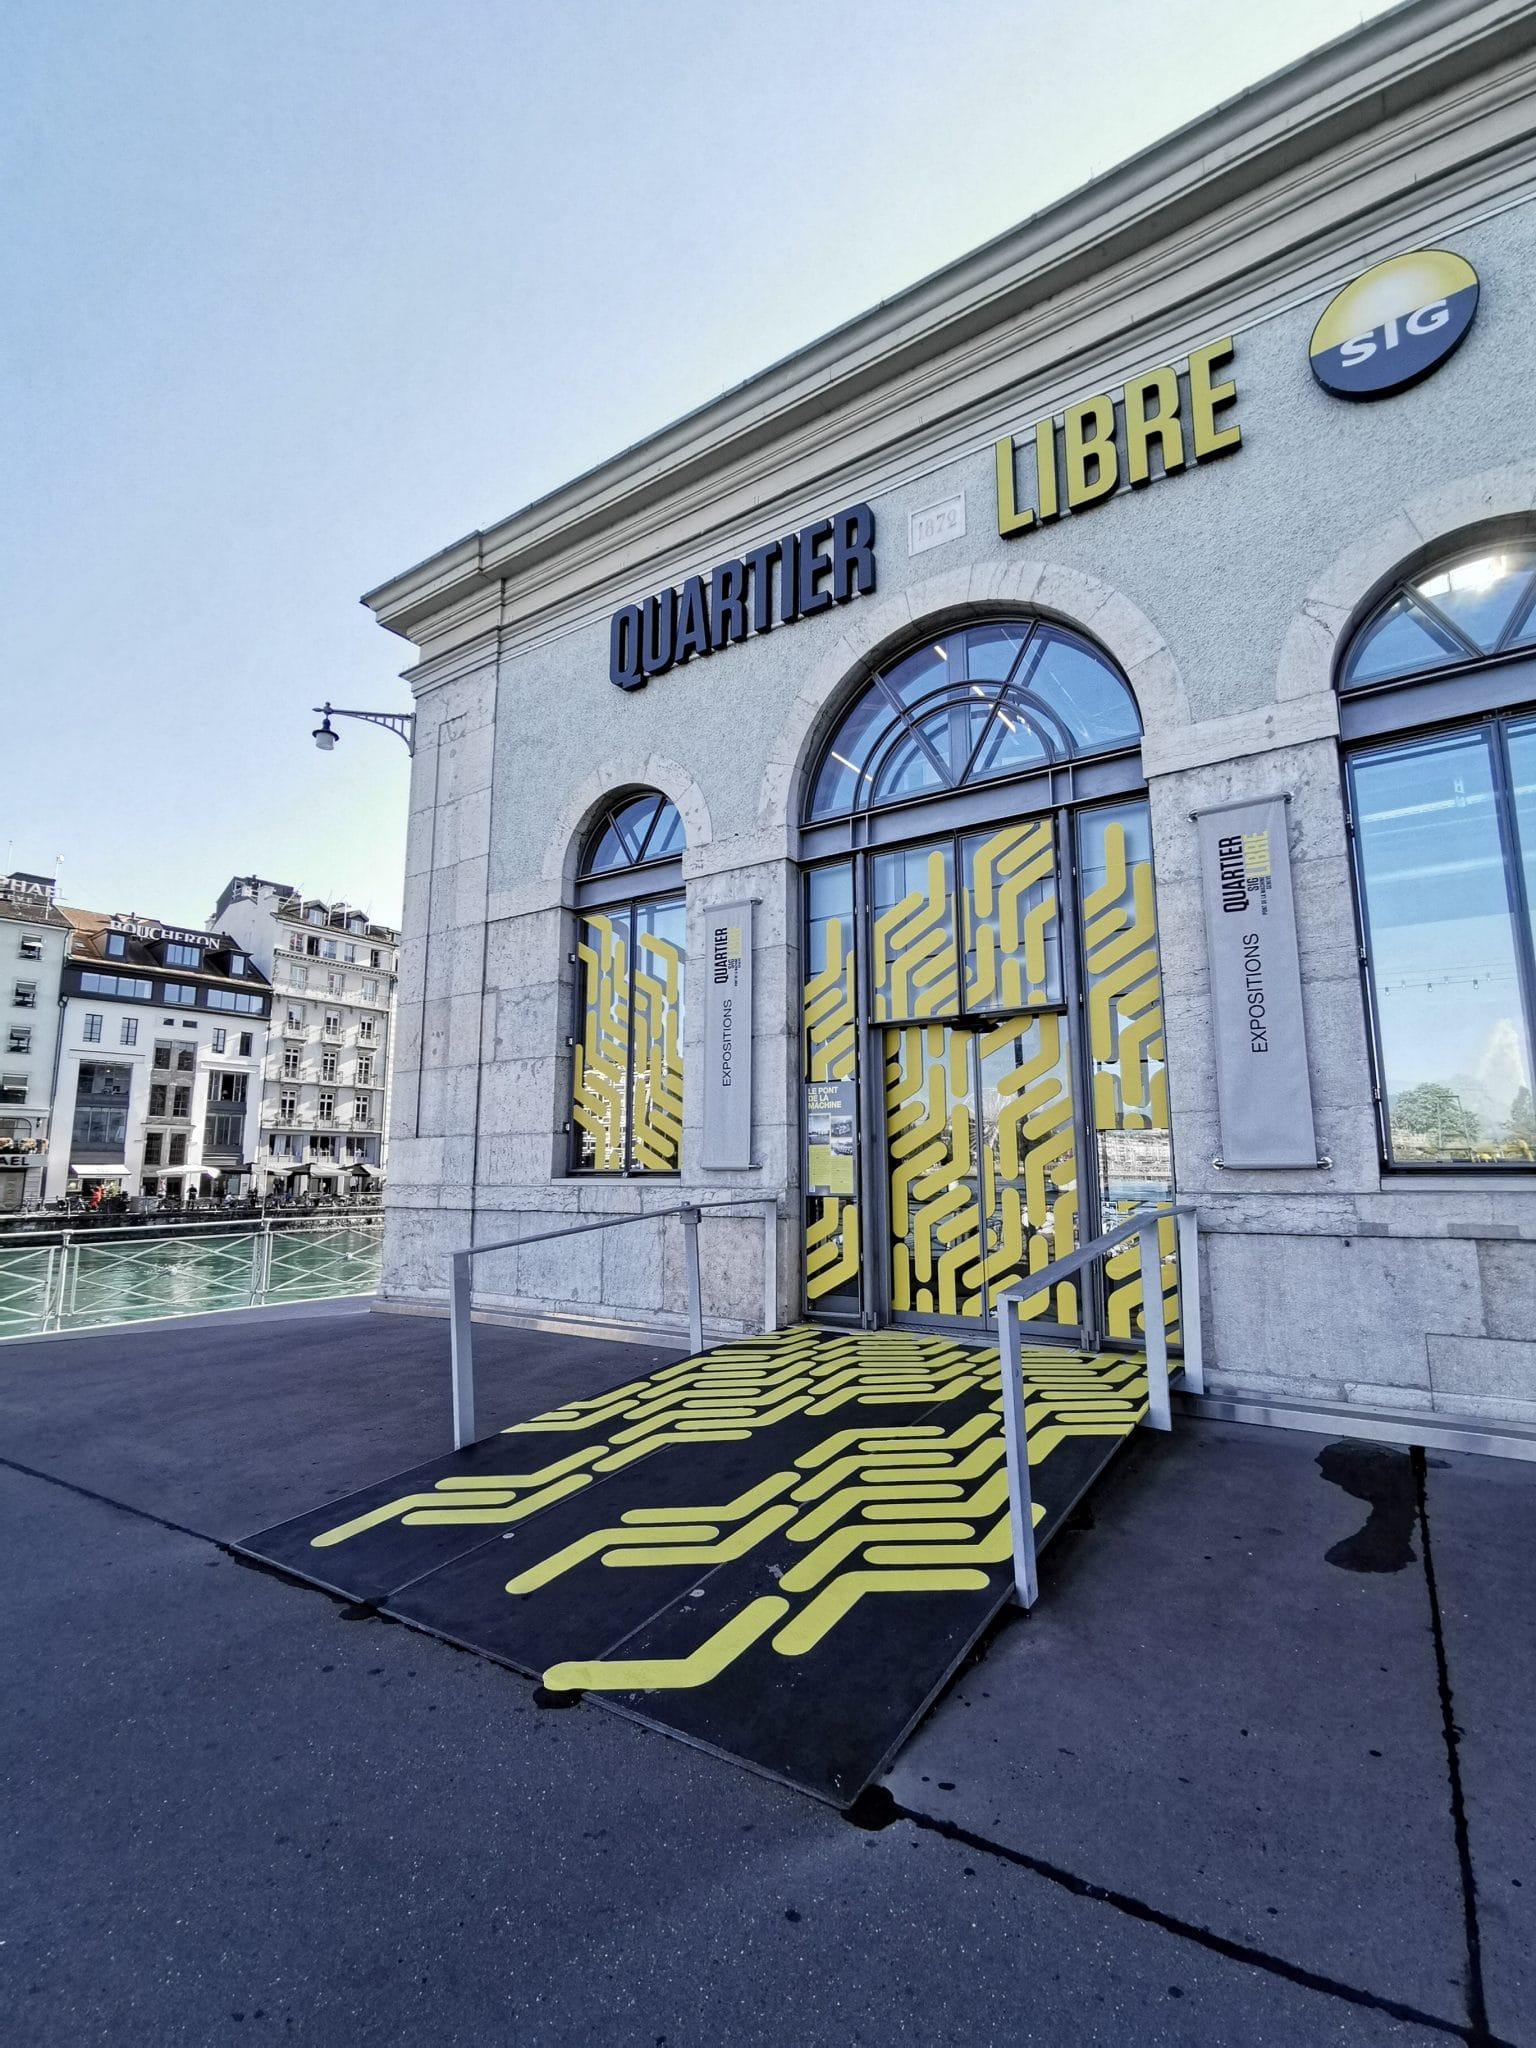 quartier libre sig - Exposition - street art - art - artiste - fresque - graffiti - tag - machine